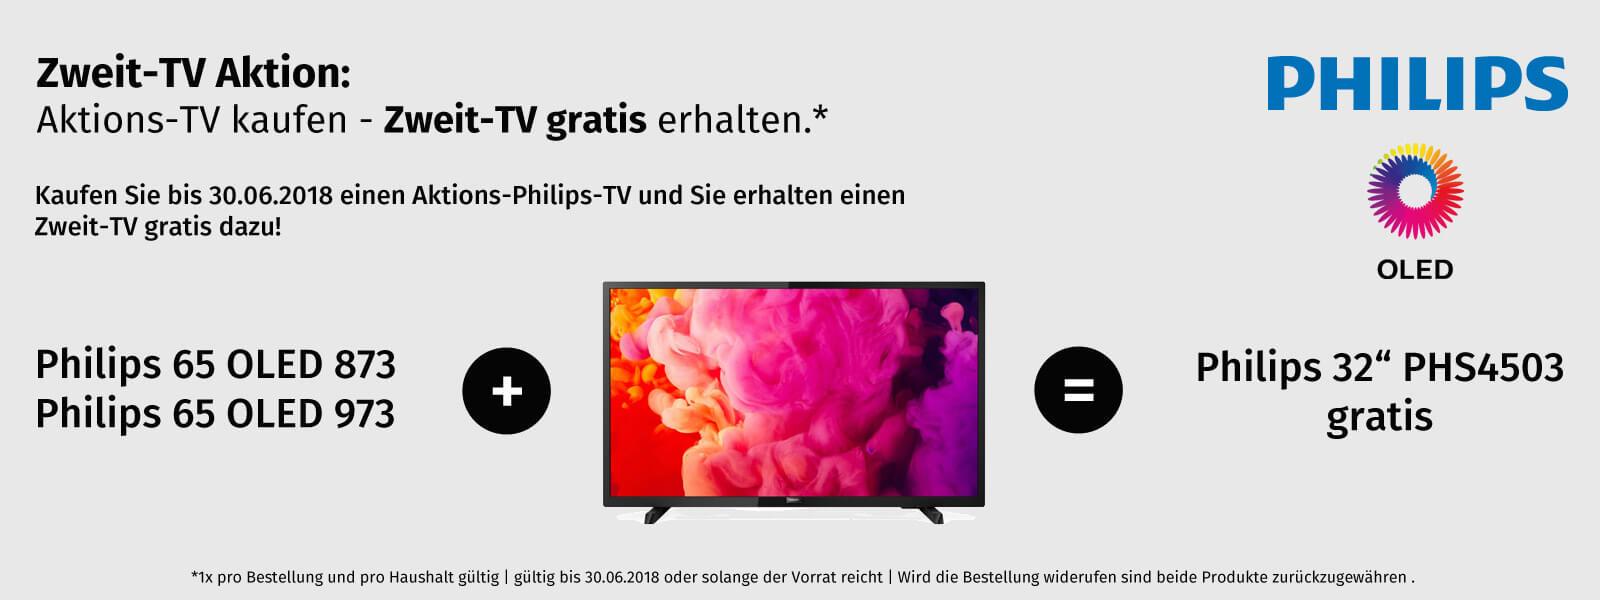 Philips TV kaufen - Zweit TV gratis